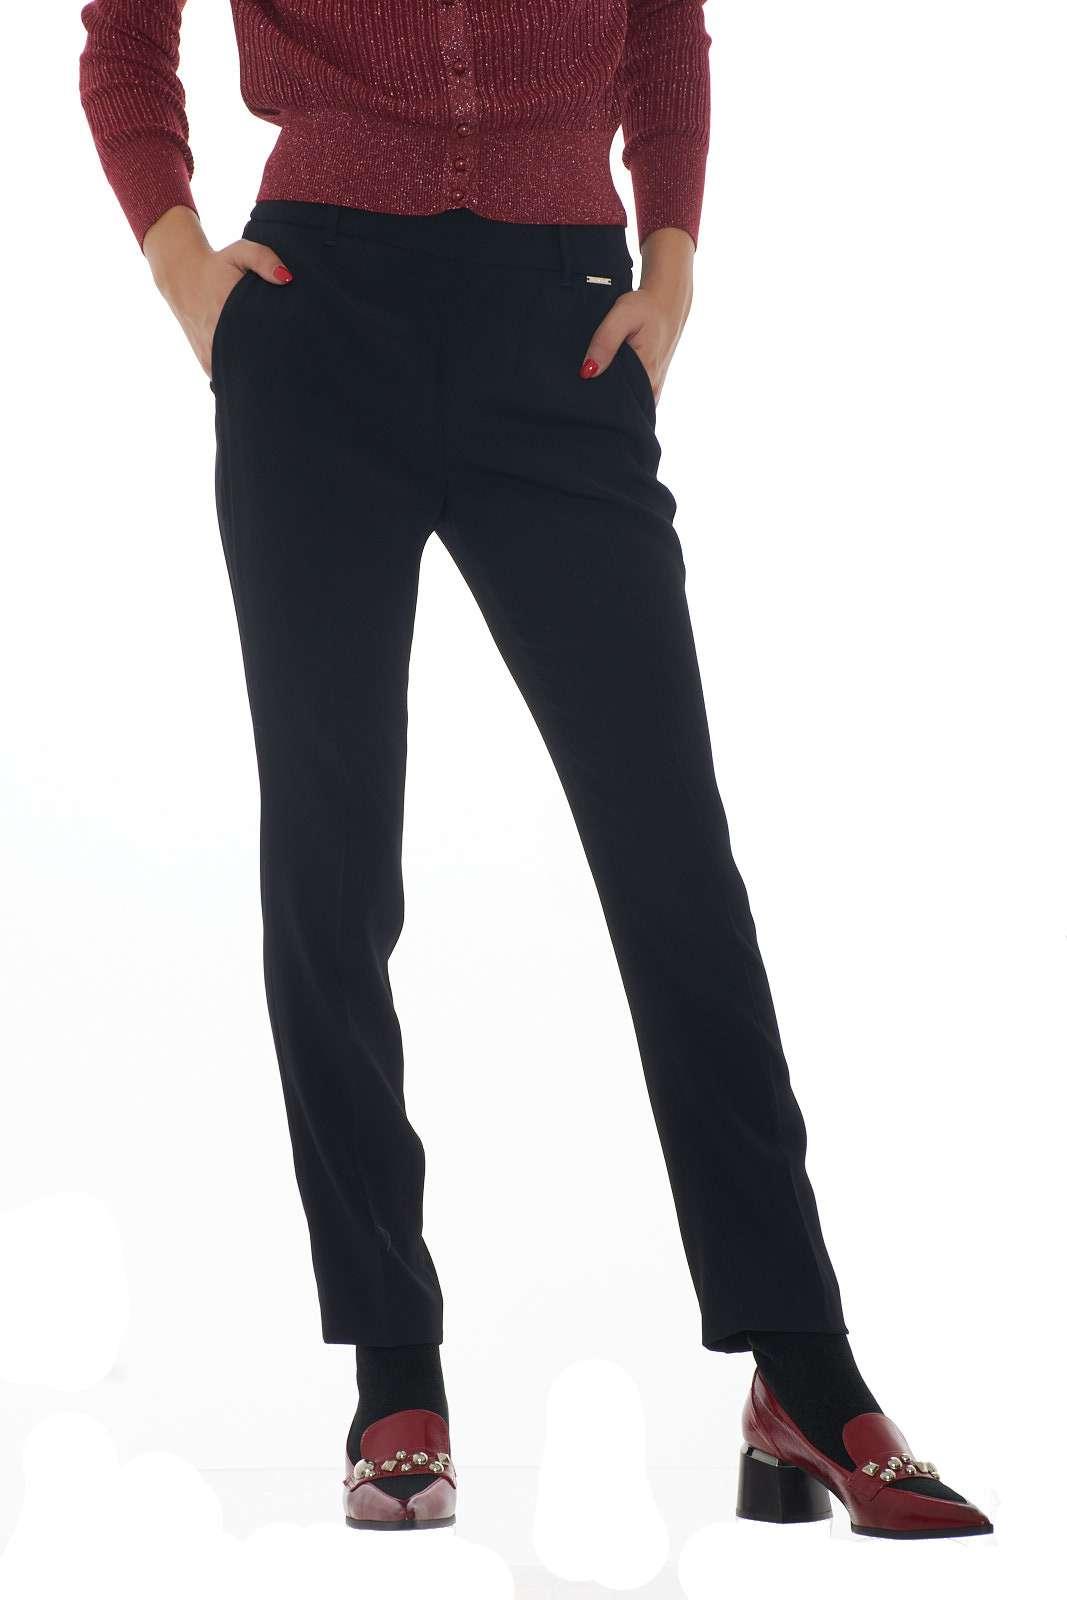 Un pantalone Donna Liu Jo dal design semplice e lineare, ideale da indossare per tutti i giorni o in eventi formali darà un tocco glamour e trendy al vostro outfit. L'elastico sul punto vita regala comfort e una vestibilità che segue i trend di stagione. La modella è alta 1.80m e indossa la taglia 42.